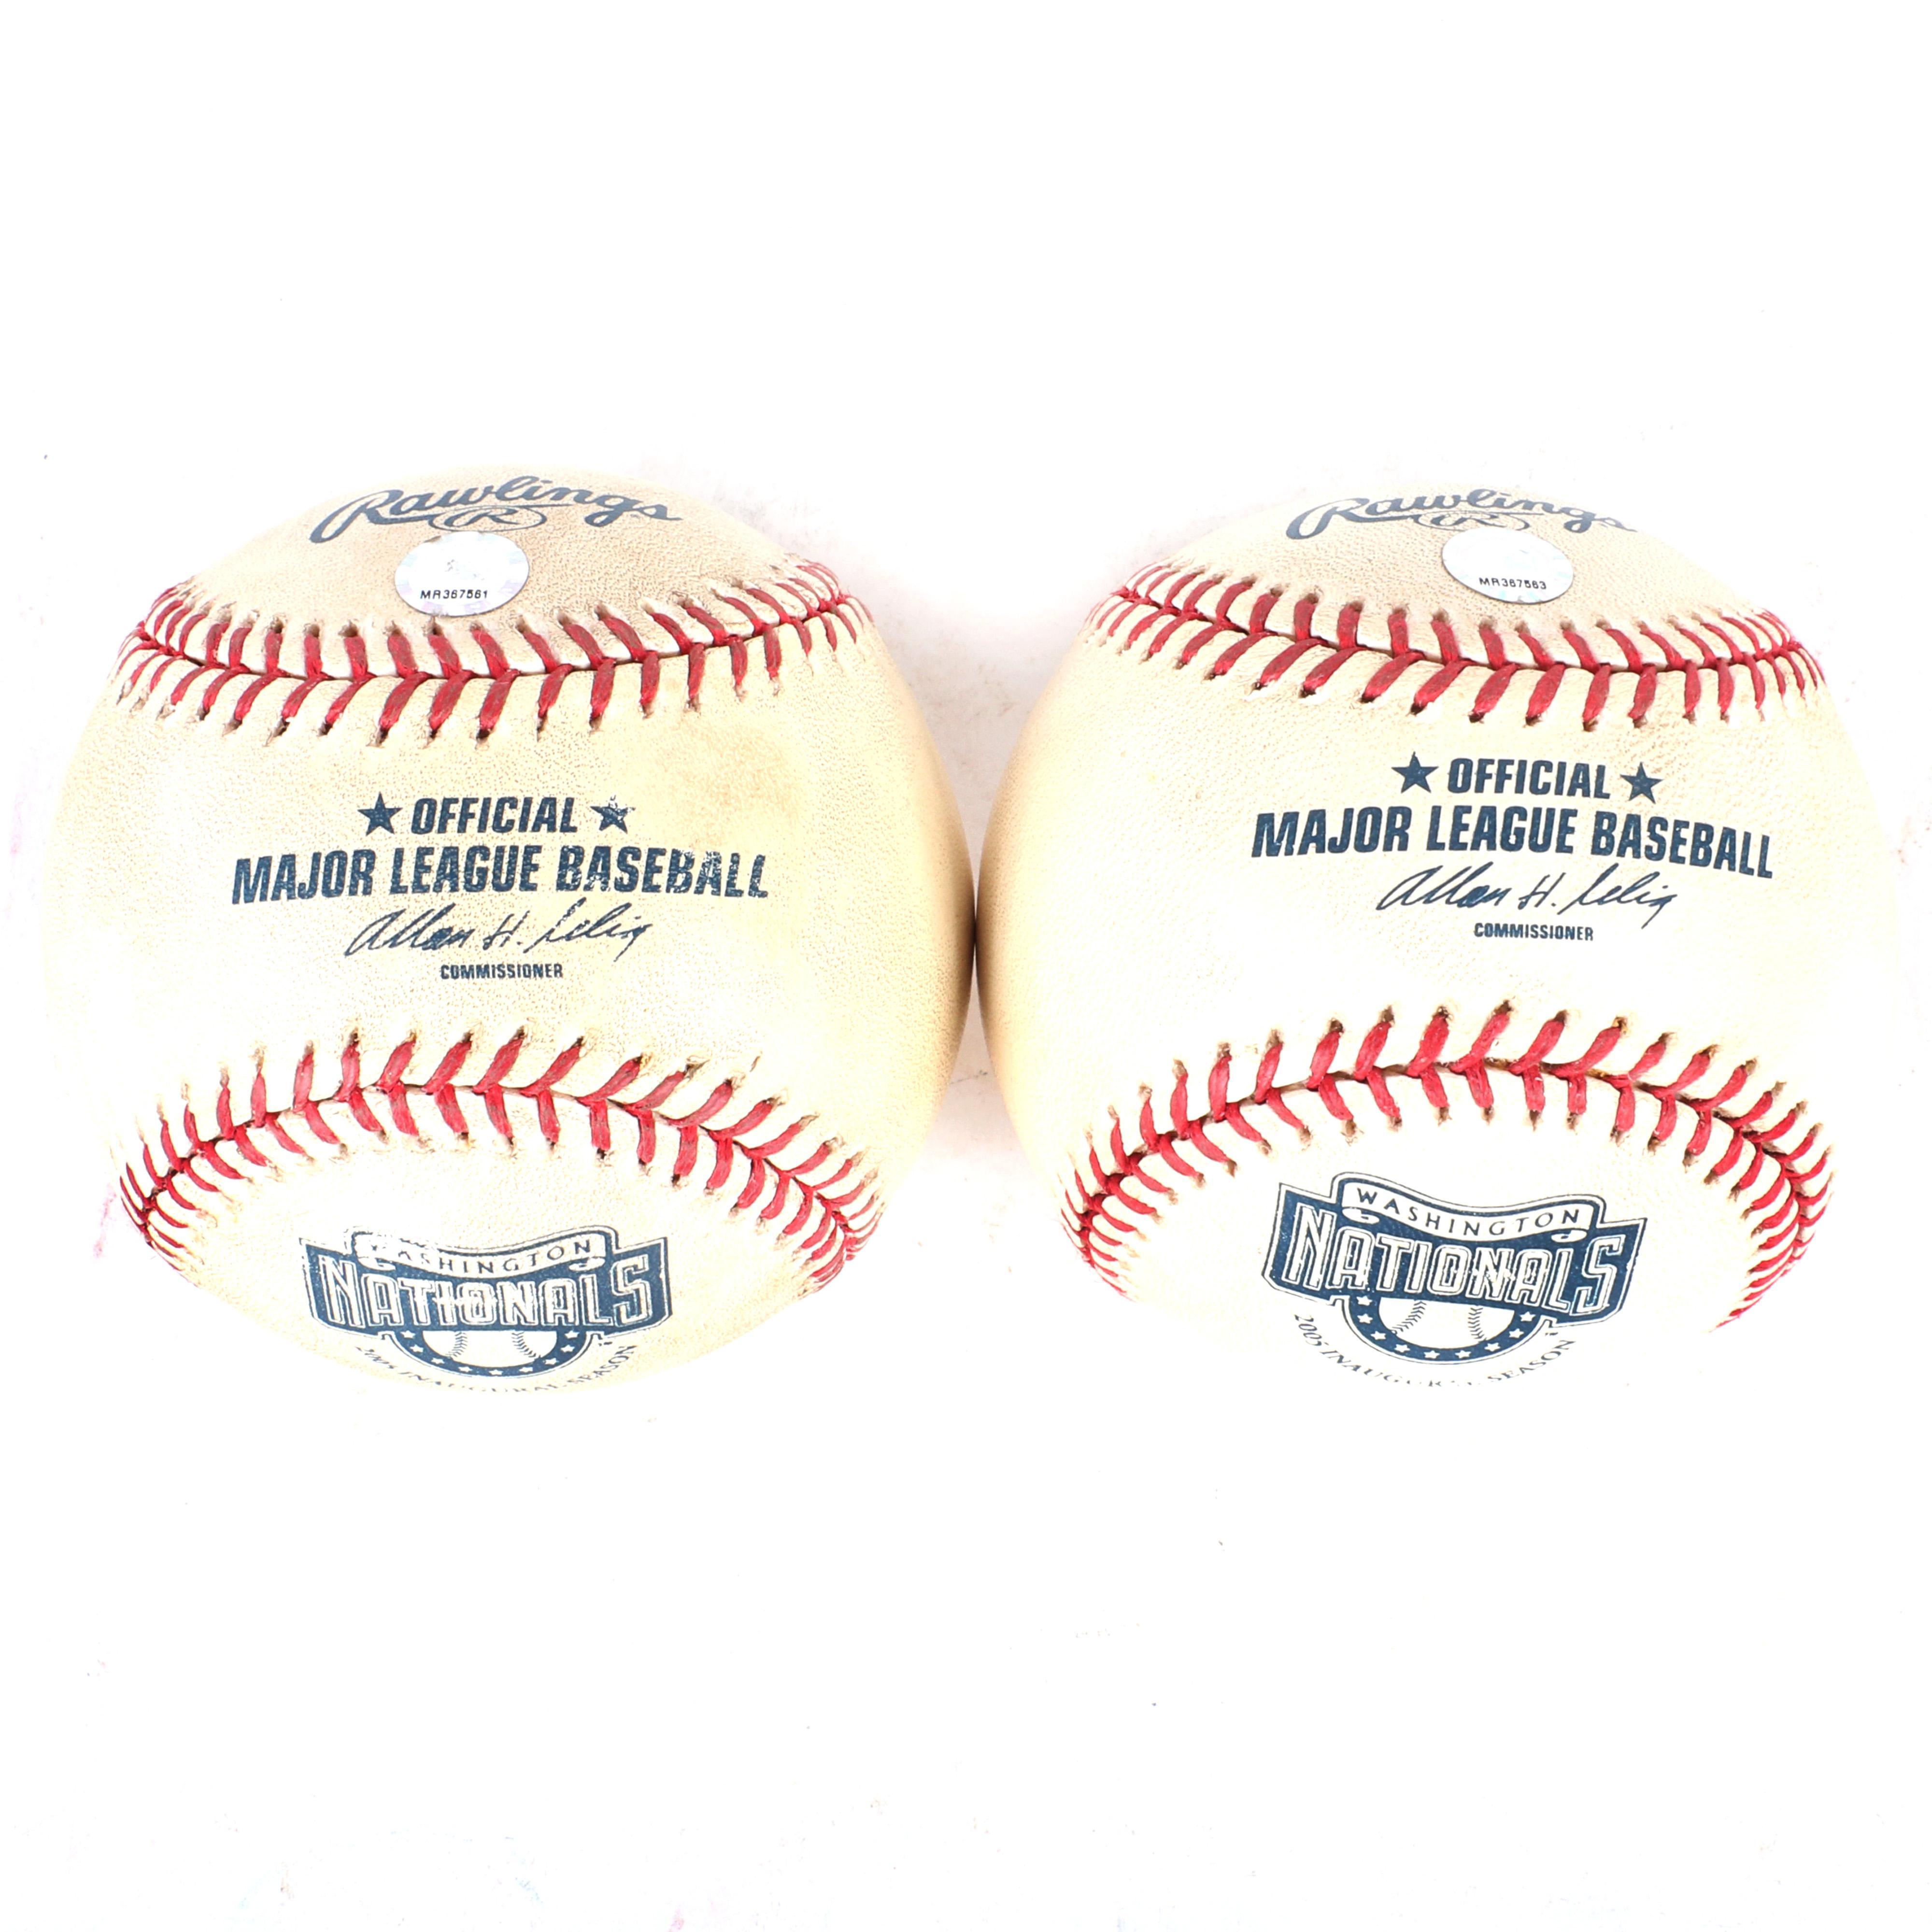 2-2005 Washington Nationals Inaugural Season Game Used Logo Baseballs